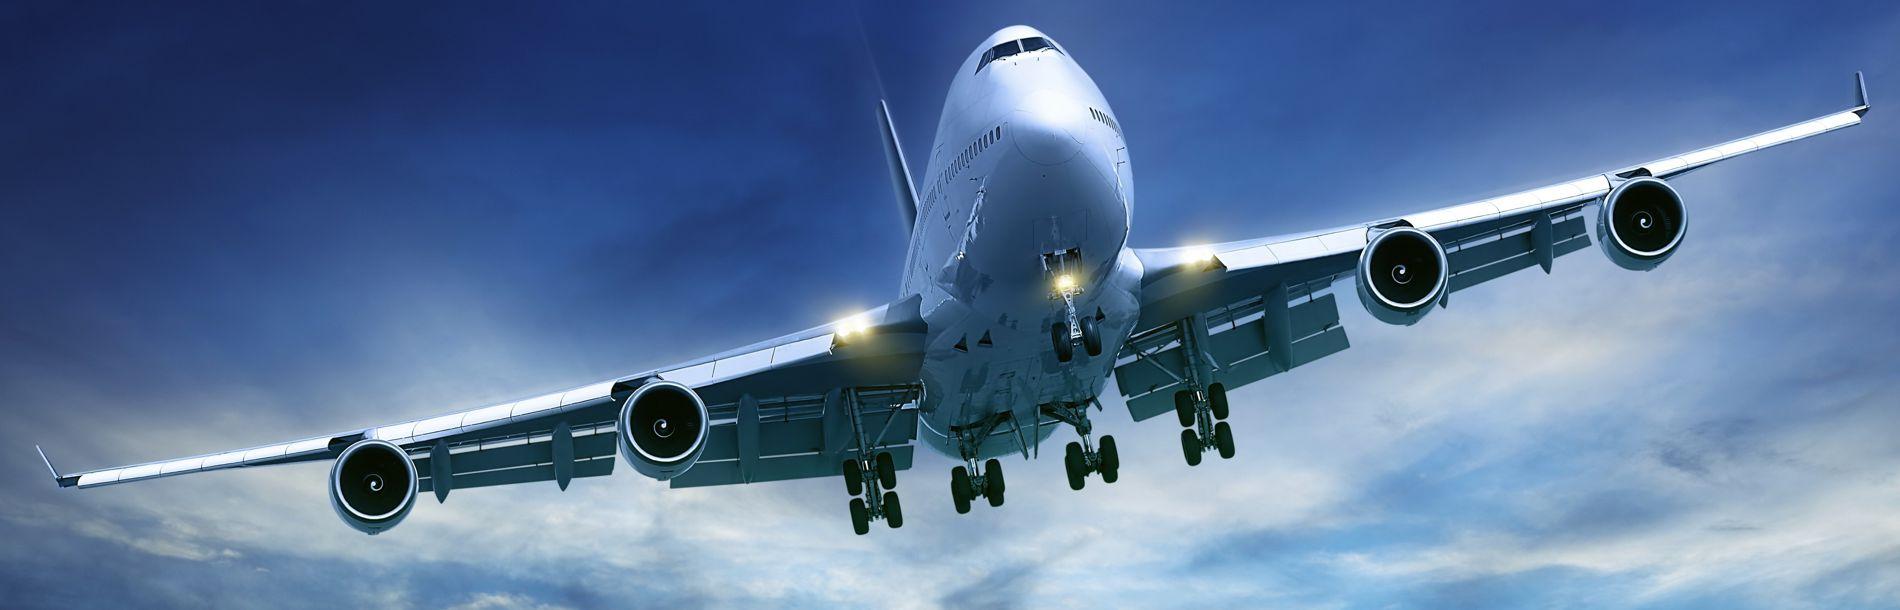 Um avião voando